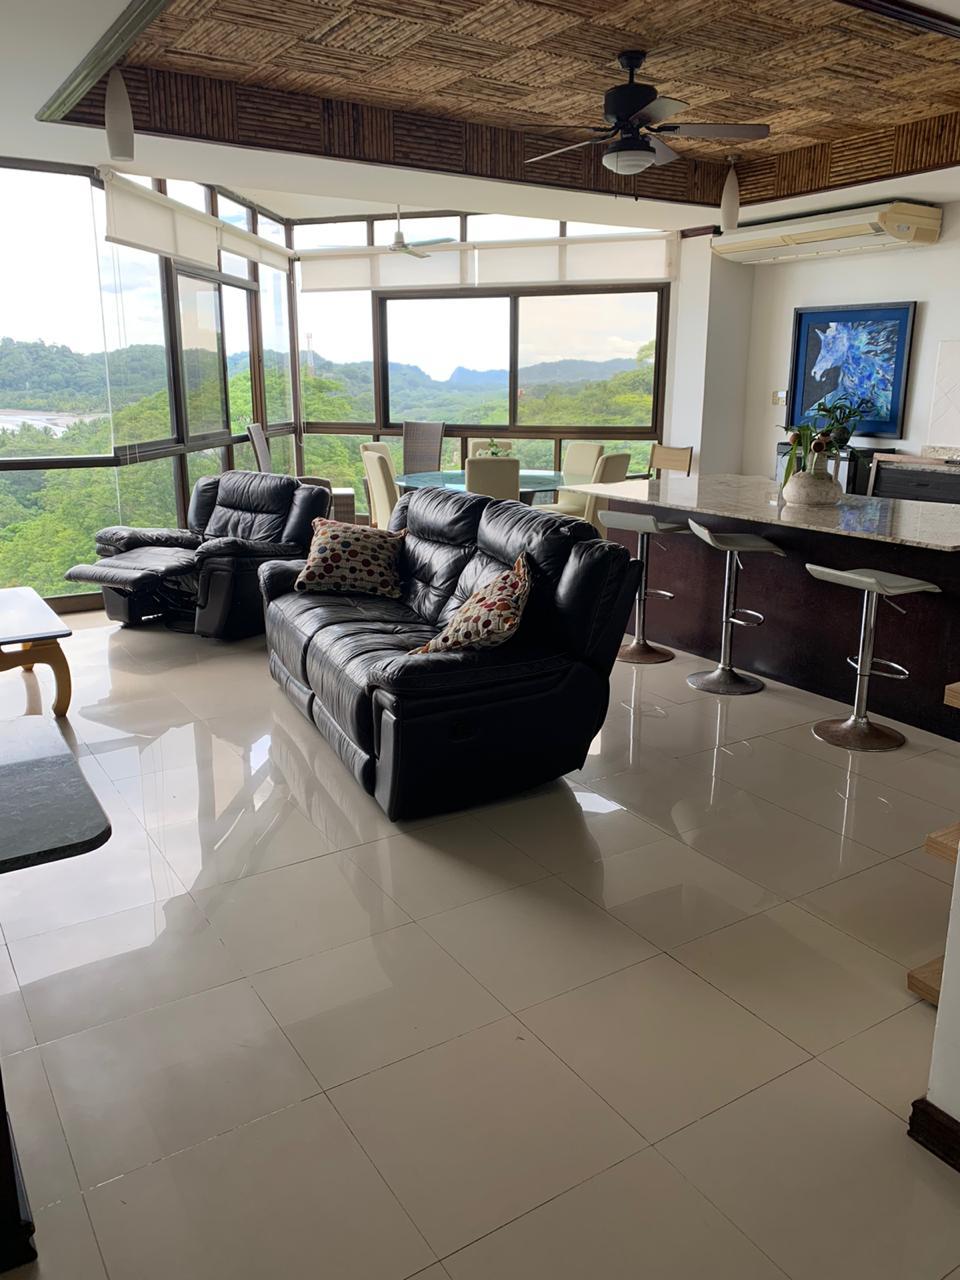 Venta de apartamento en condominio en Sámara